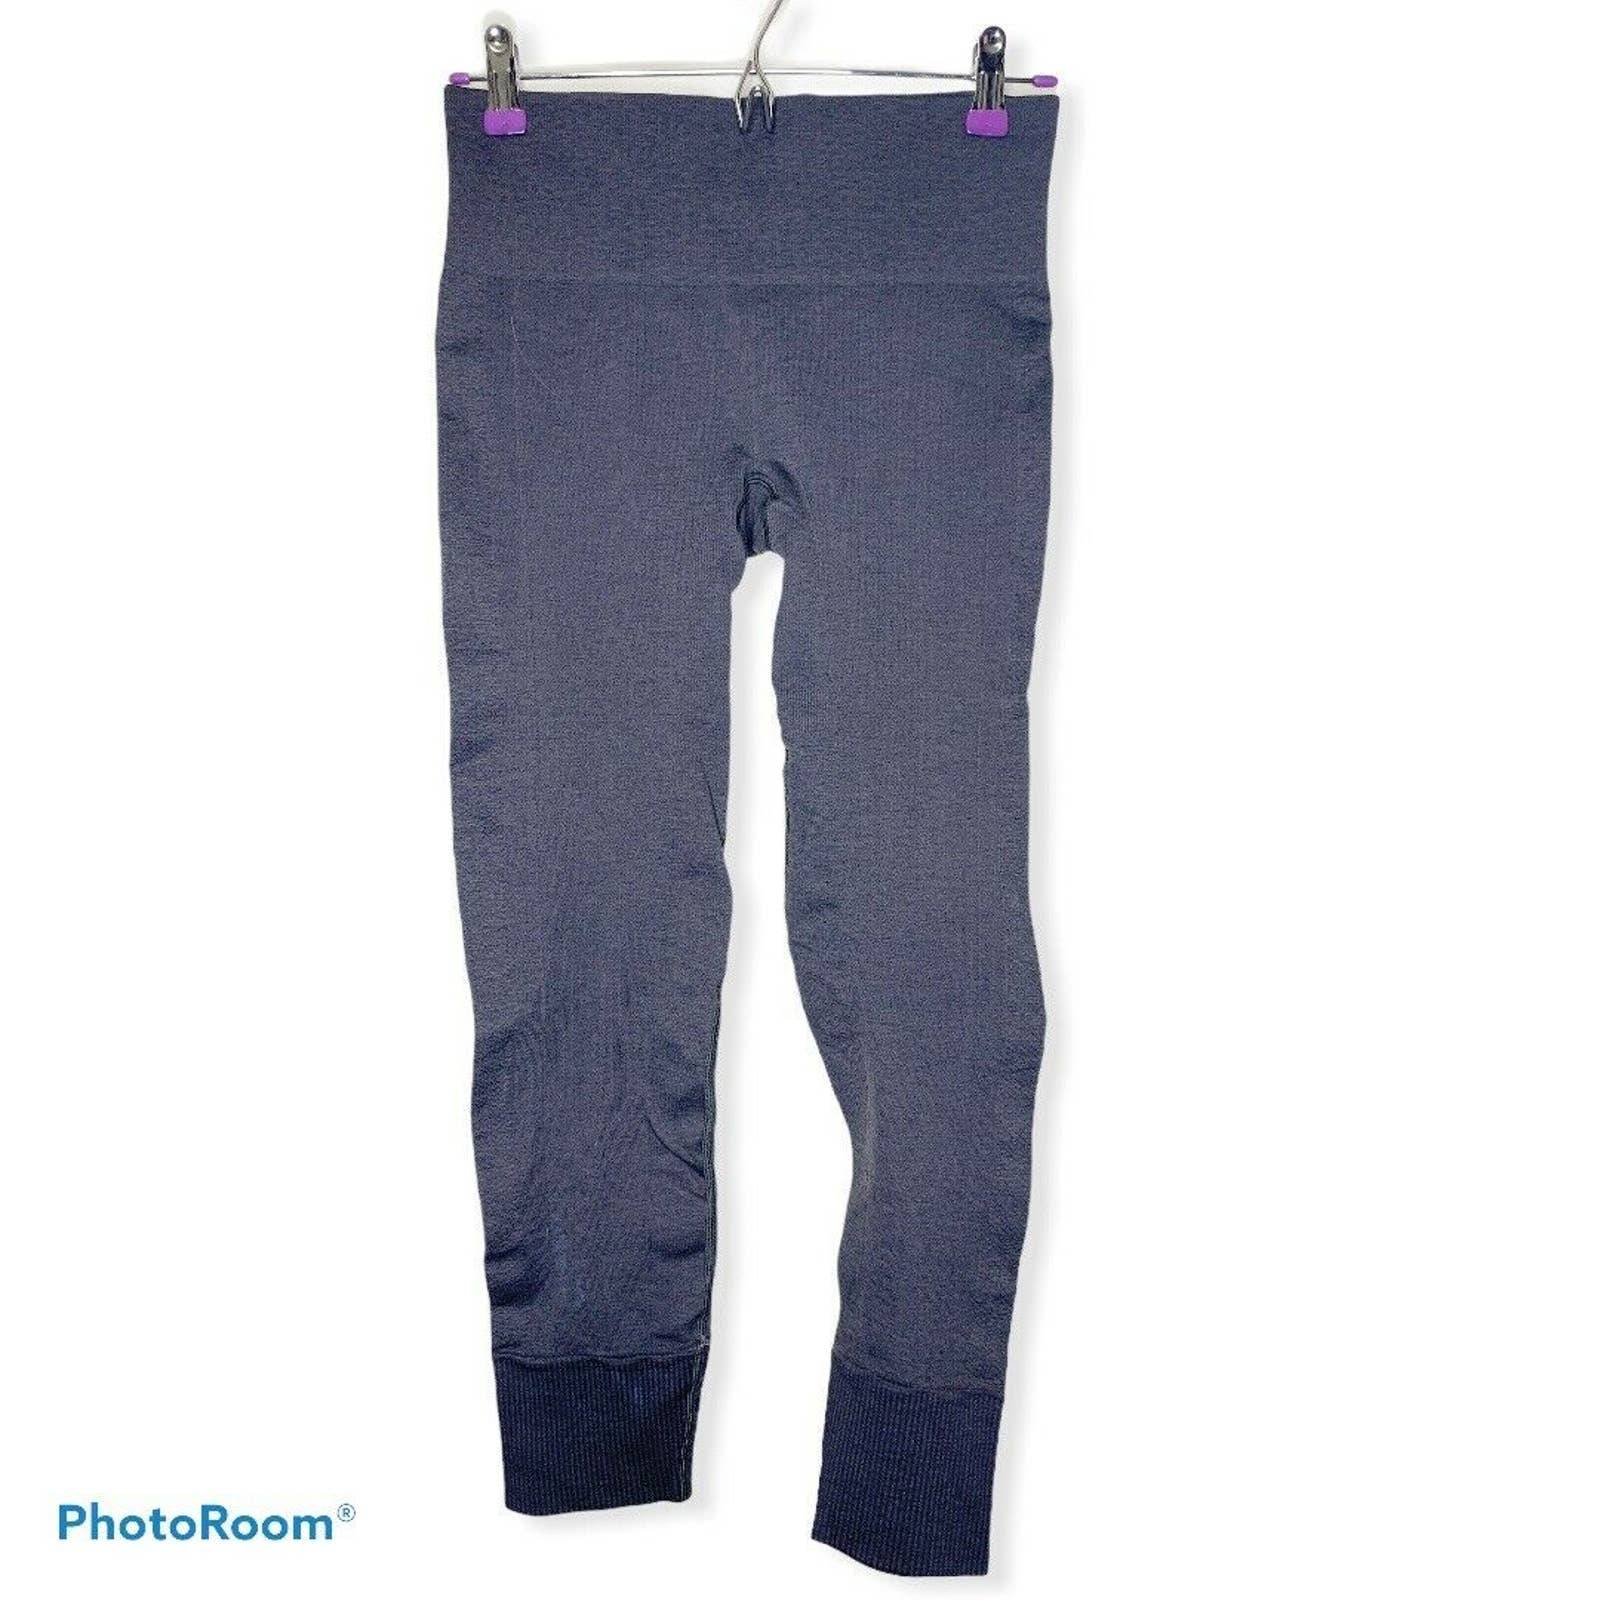 Lululemon grey ribbed leggings size 6